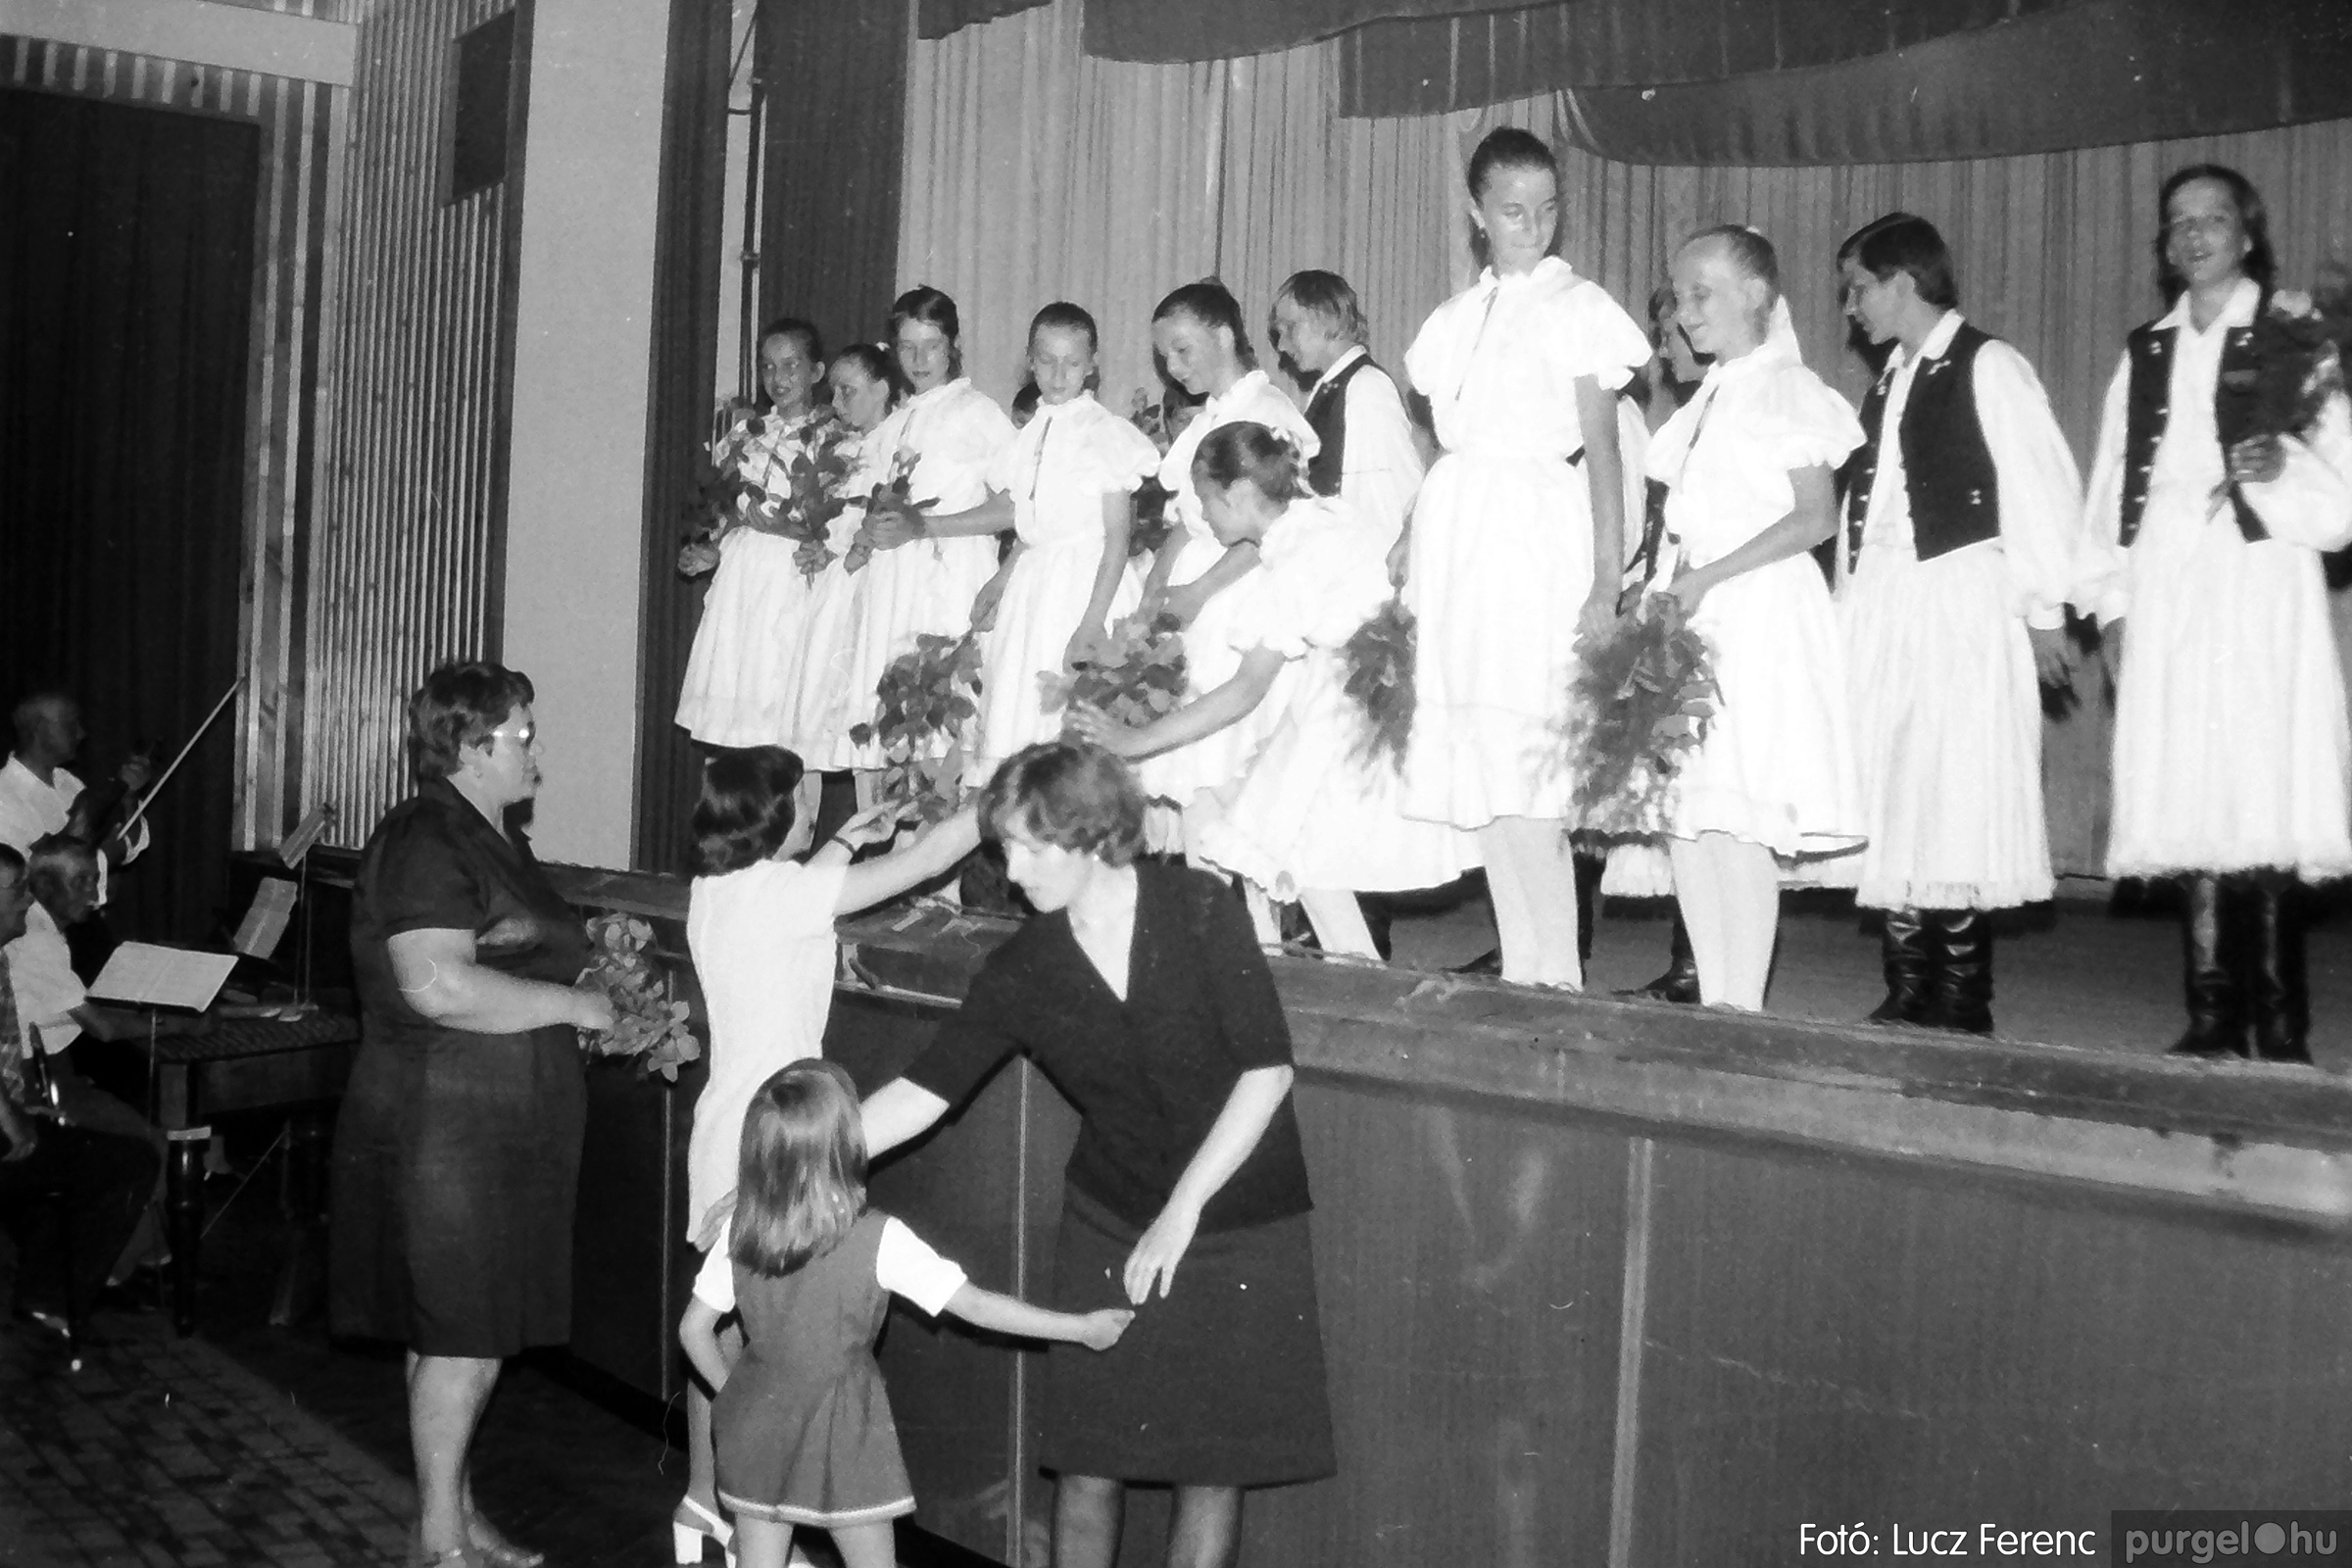 081. 1977. Néptáncosok fellépése a kultúrházban 011. - Fotó: Lucz Ferenc.jpg